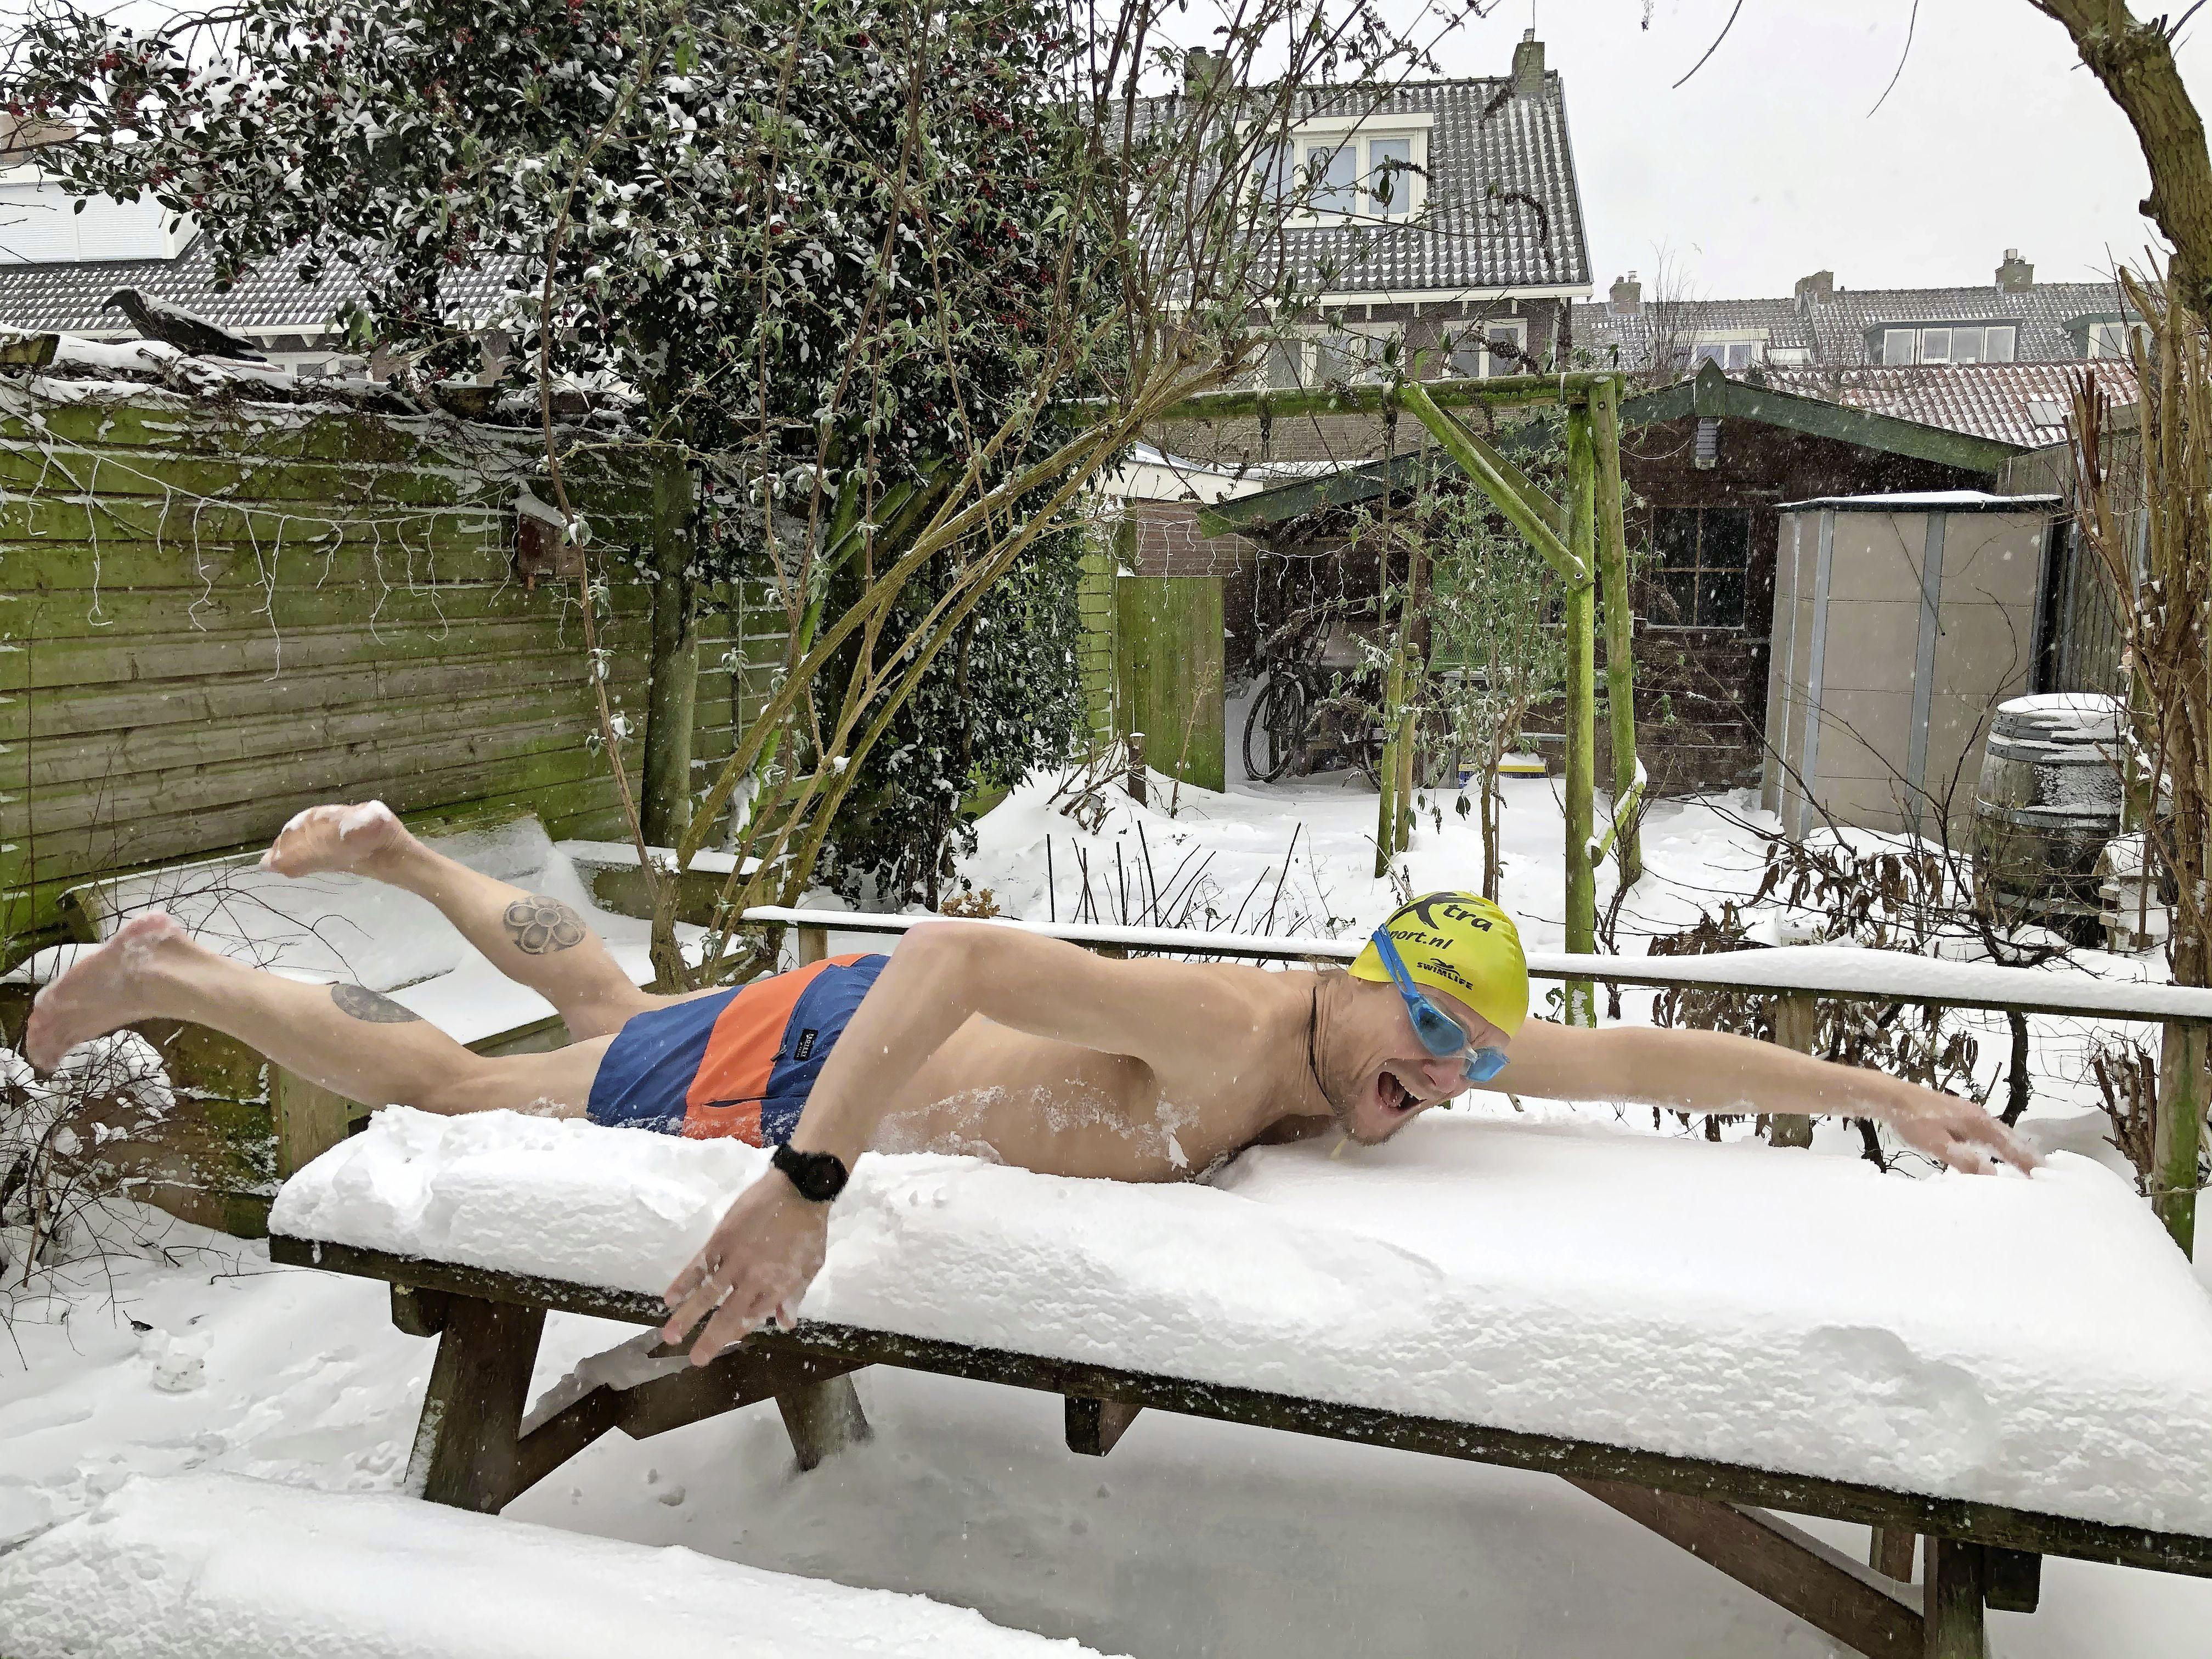 'Snowchallenge' van Haarlemse zwemmers blijkt dikke hit op social media: 'Met een kleine aanloop dook ik zó op de tuintafel' [video]